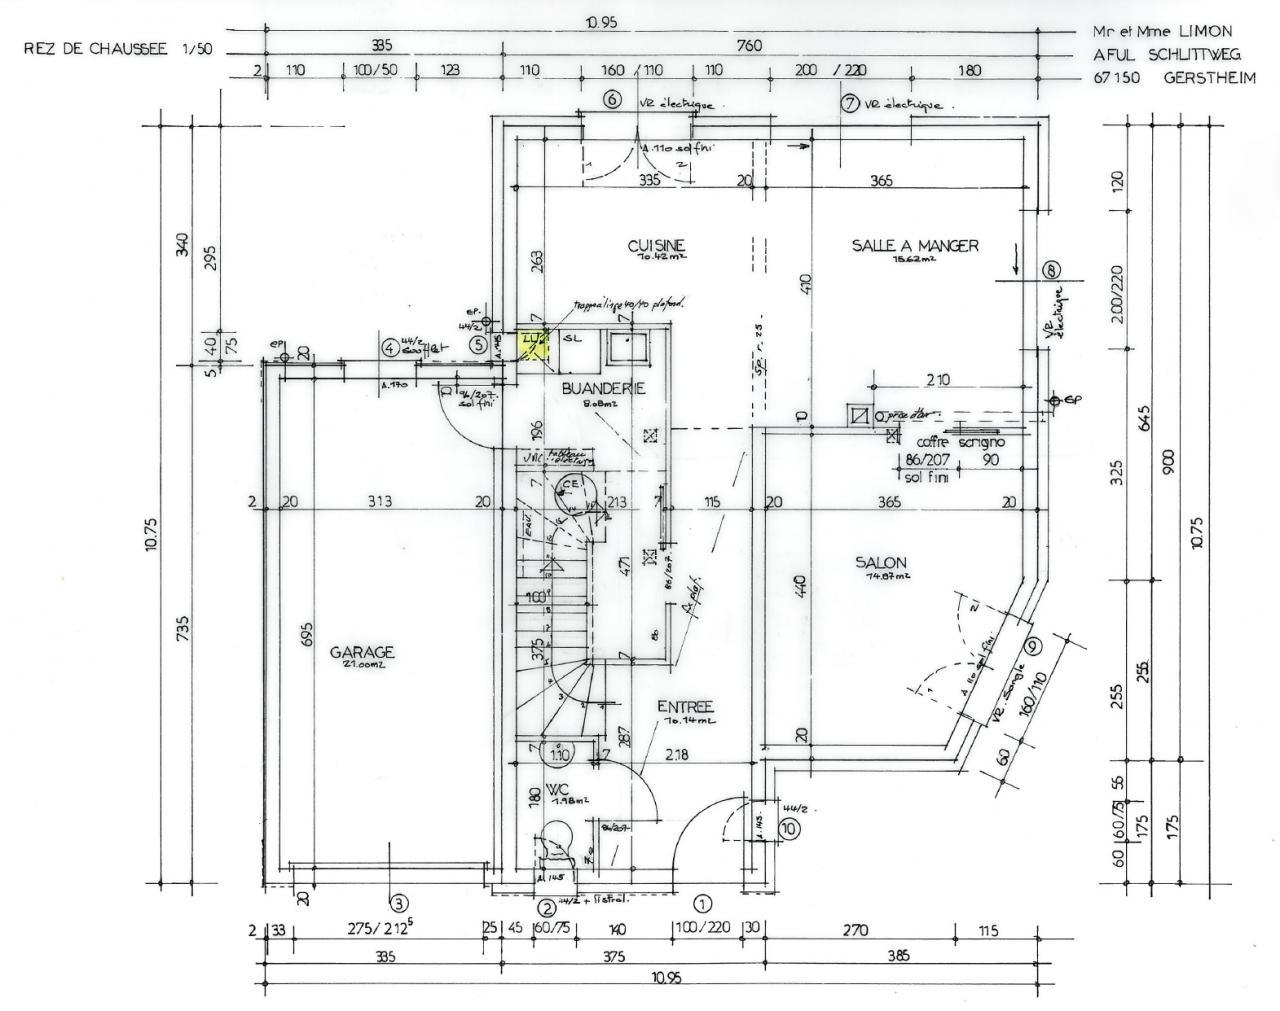 Les plans de la maison for Le plan de la maison